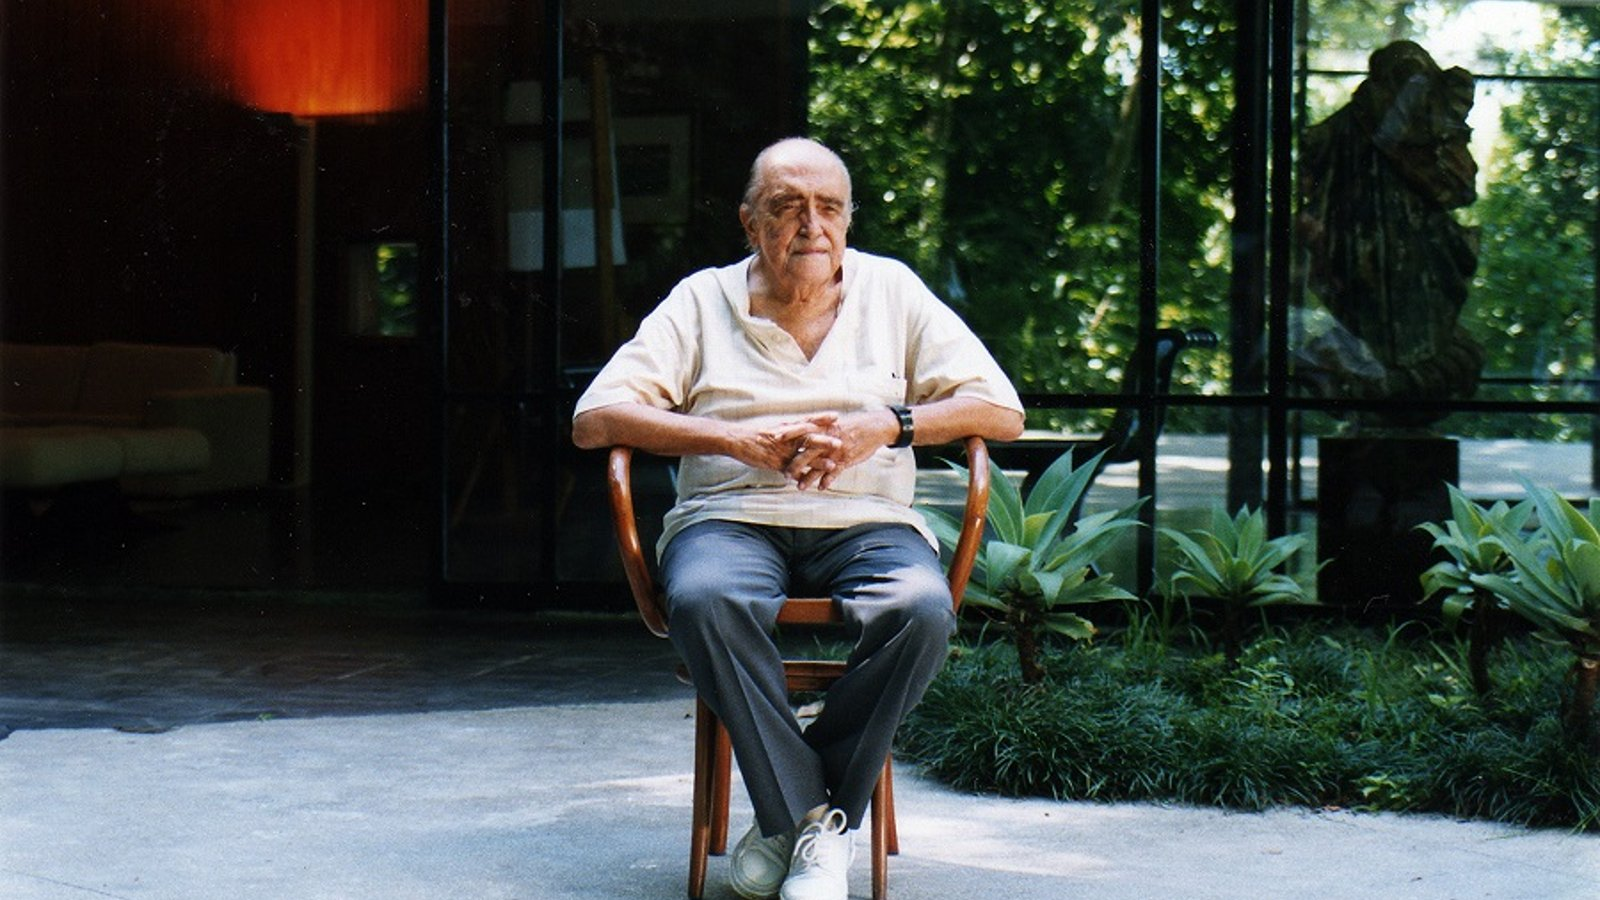 Oscar Niemeyer - Brazilian Architect